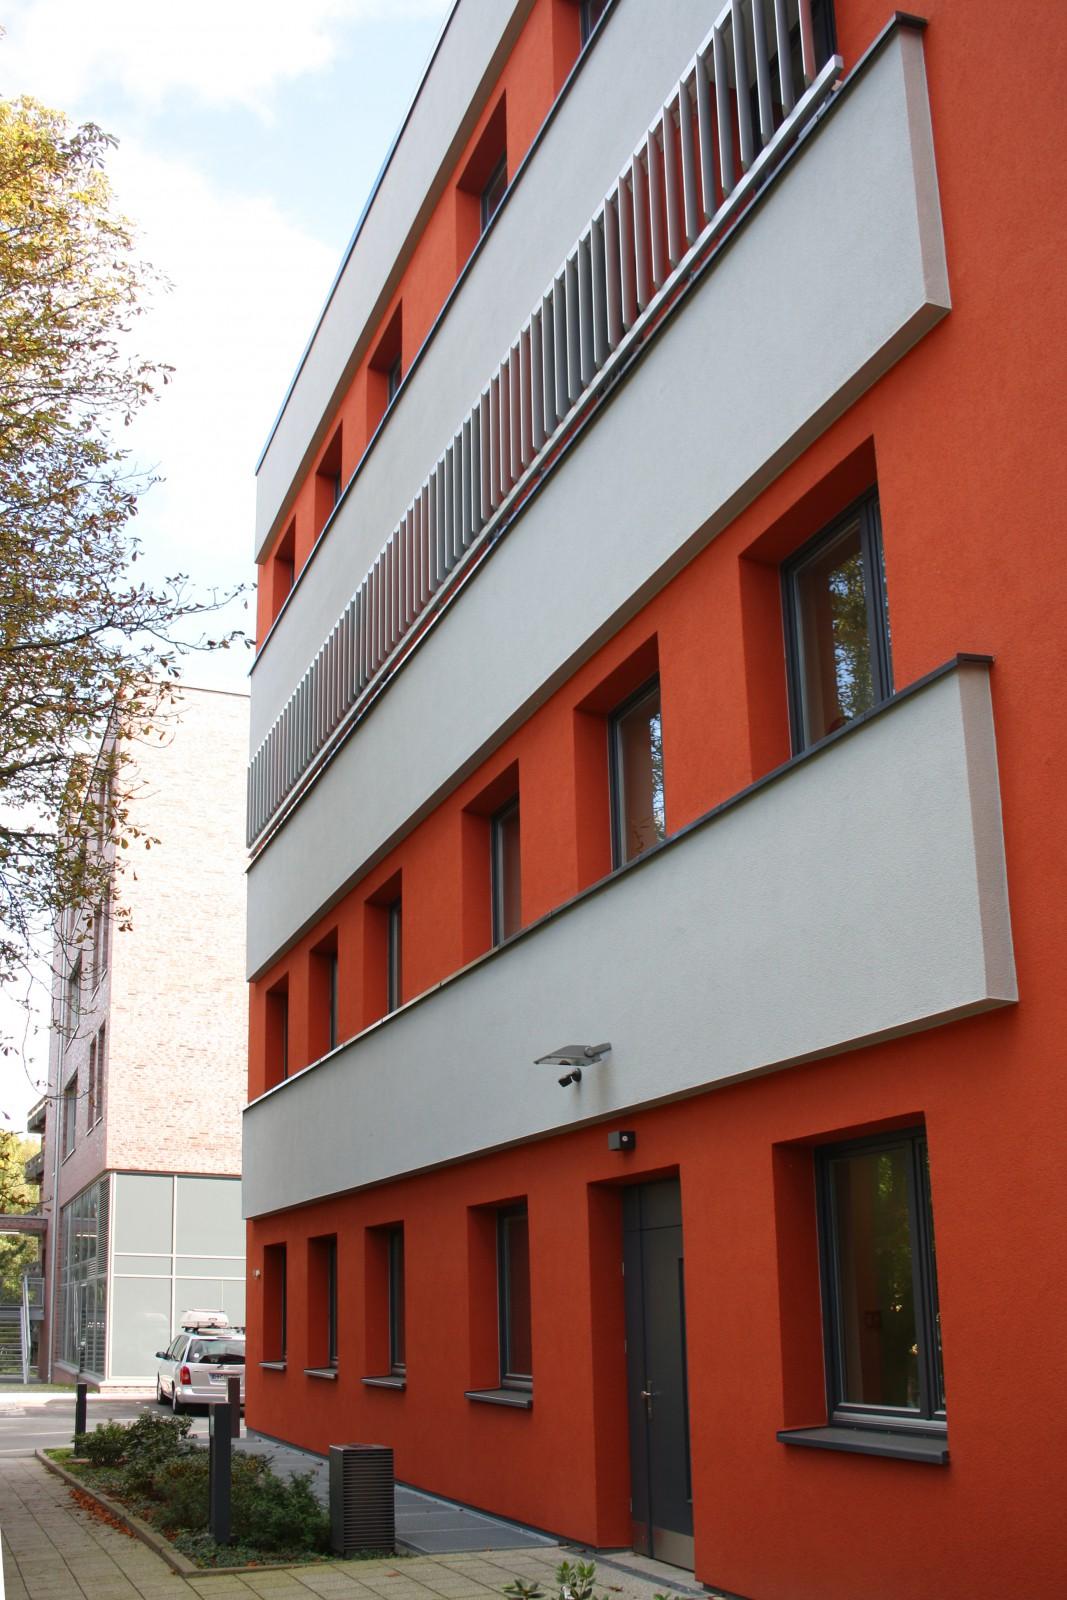 fassadensanierung-umbau-heinrich-pette-institut-ansicht-front